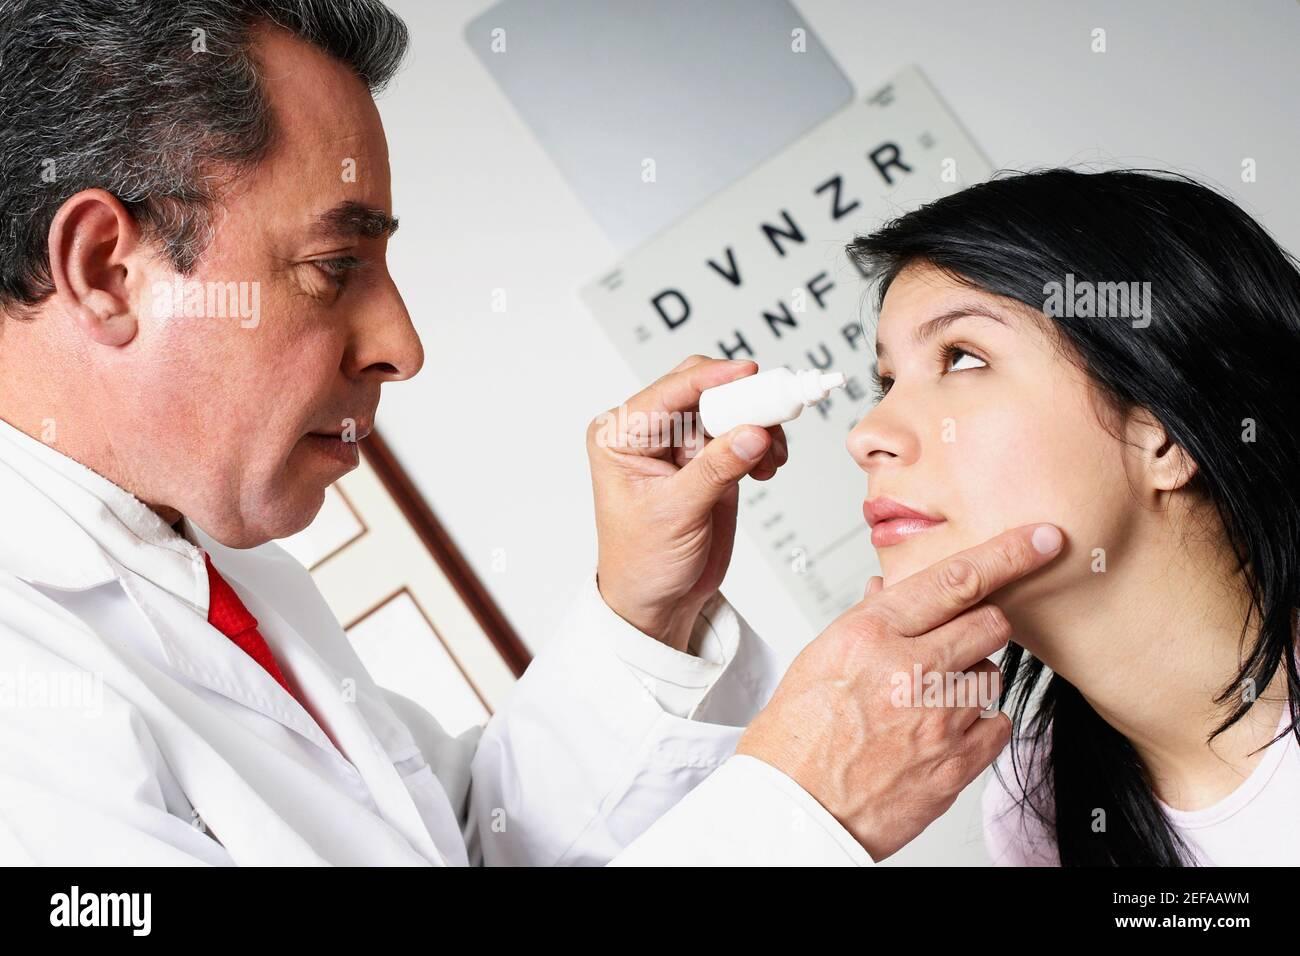 Perfil lateral de un médico masculino que pone gotas para los ojos Un ojo womanŽs joven Foto de stock